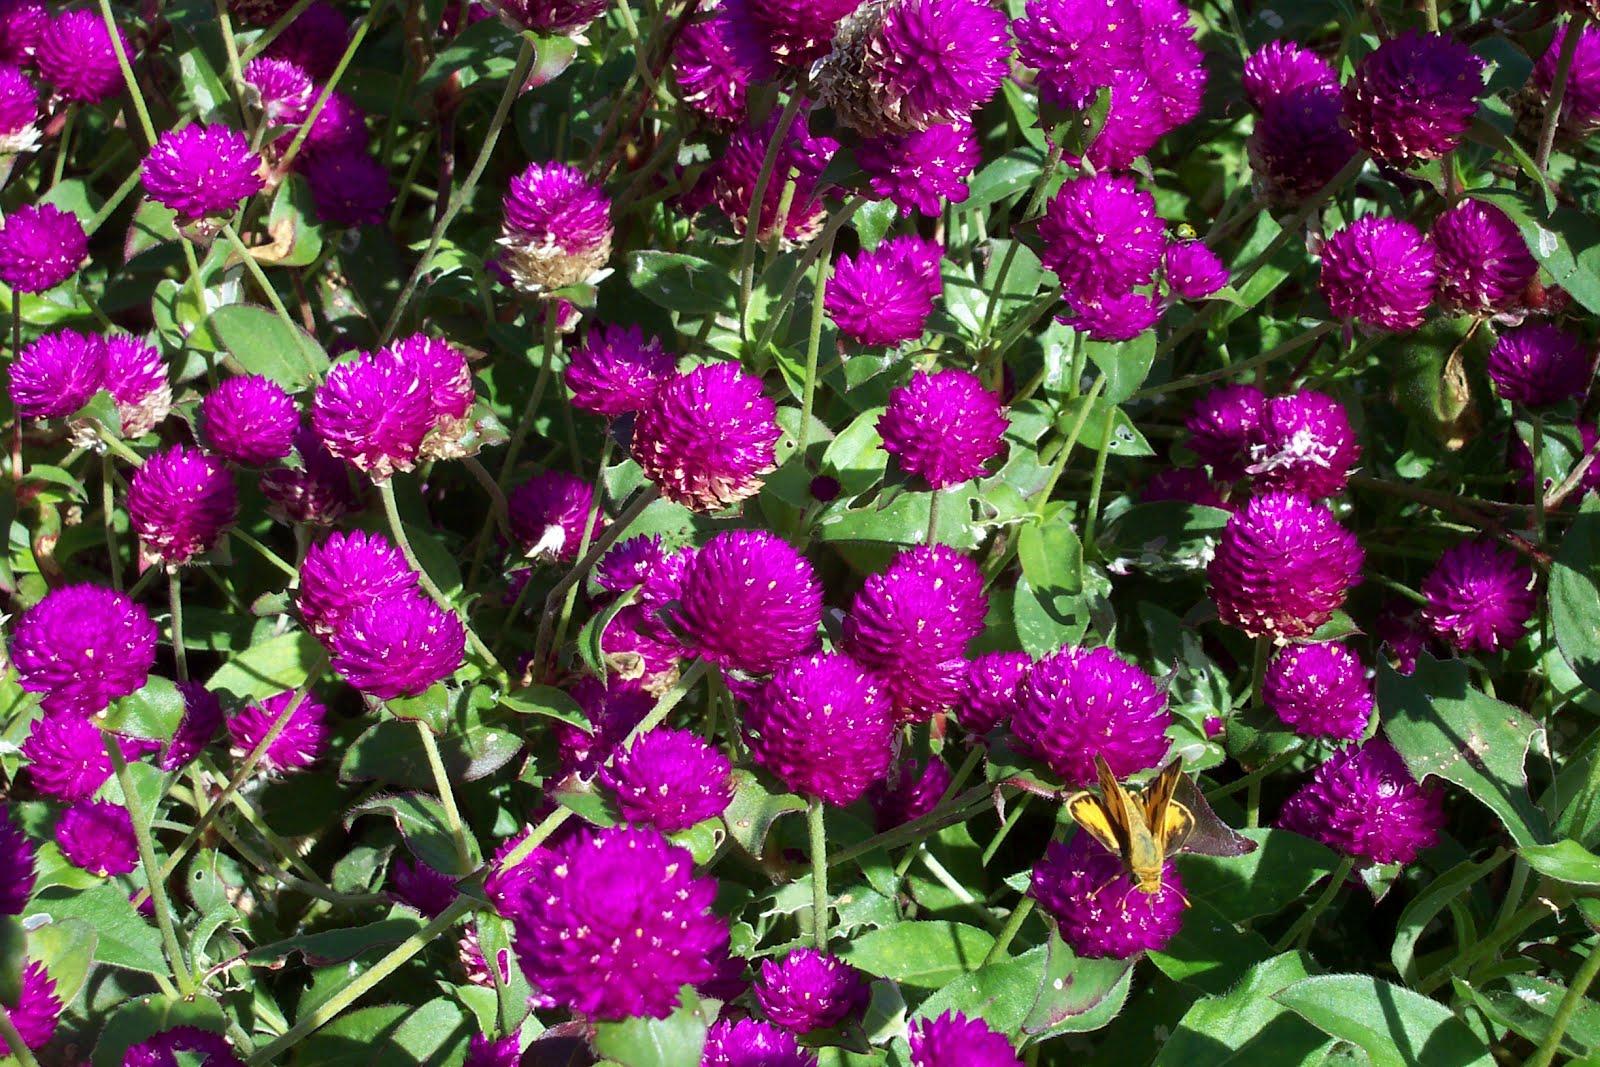 Tổng hợp các loại hoa dễ trồng quanh năm nở rực rỡ rất được ưa chuộng - Ảnh 5